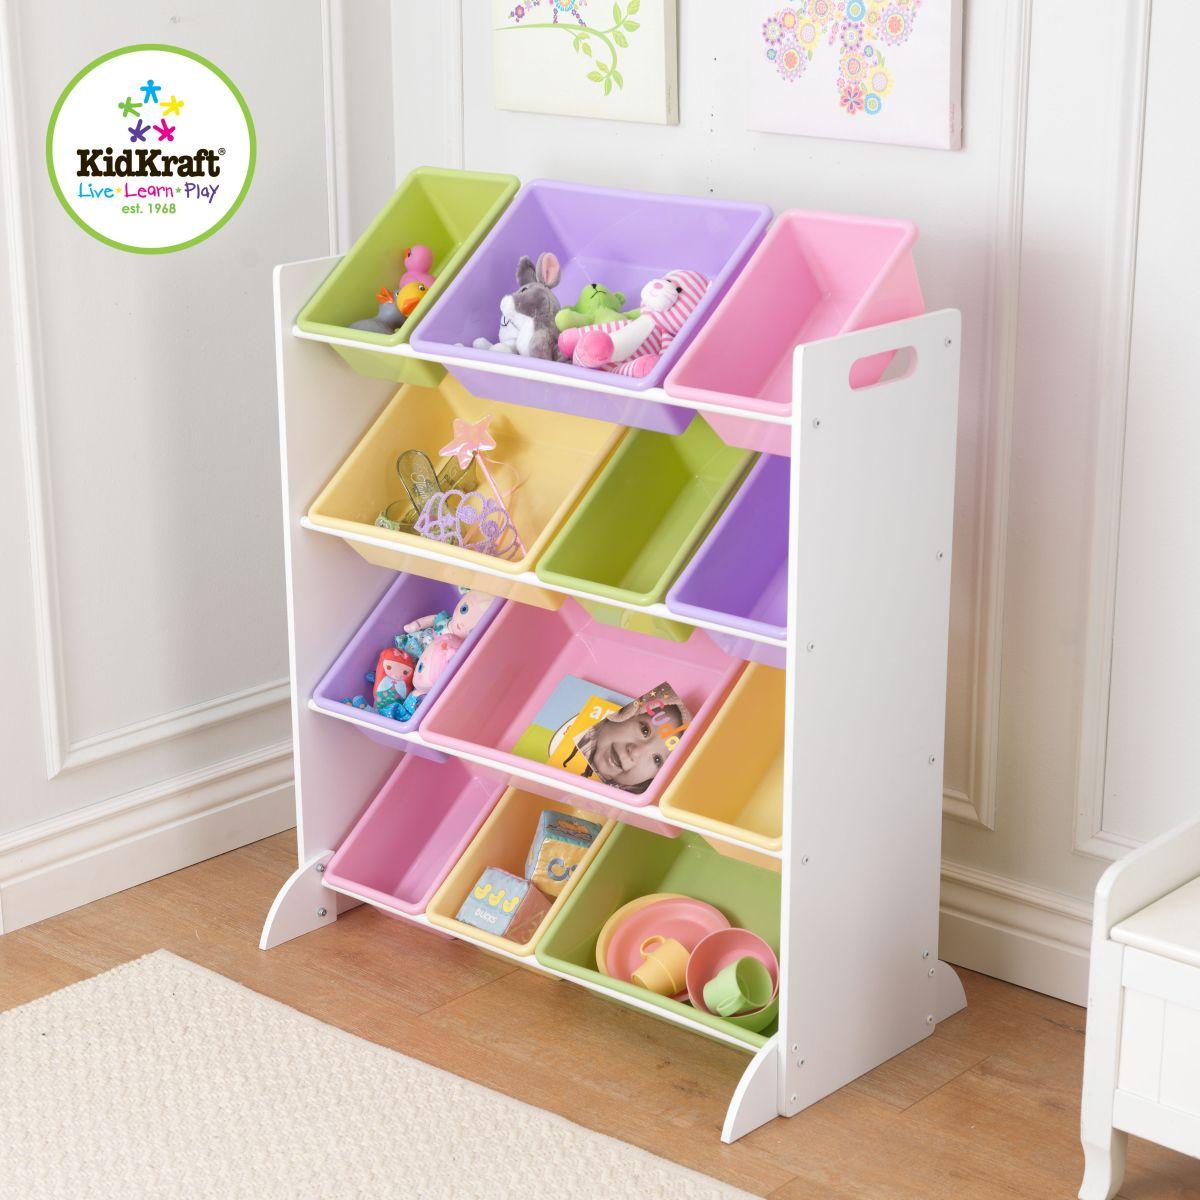 Kidkraft meuble avec bacs de rangement pastel 15450 - Meuble de rangement pour enfant ...